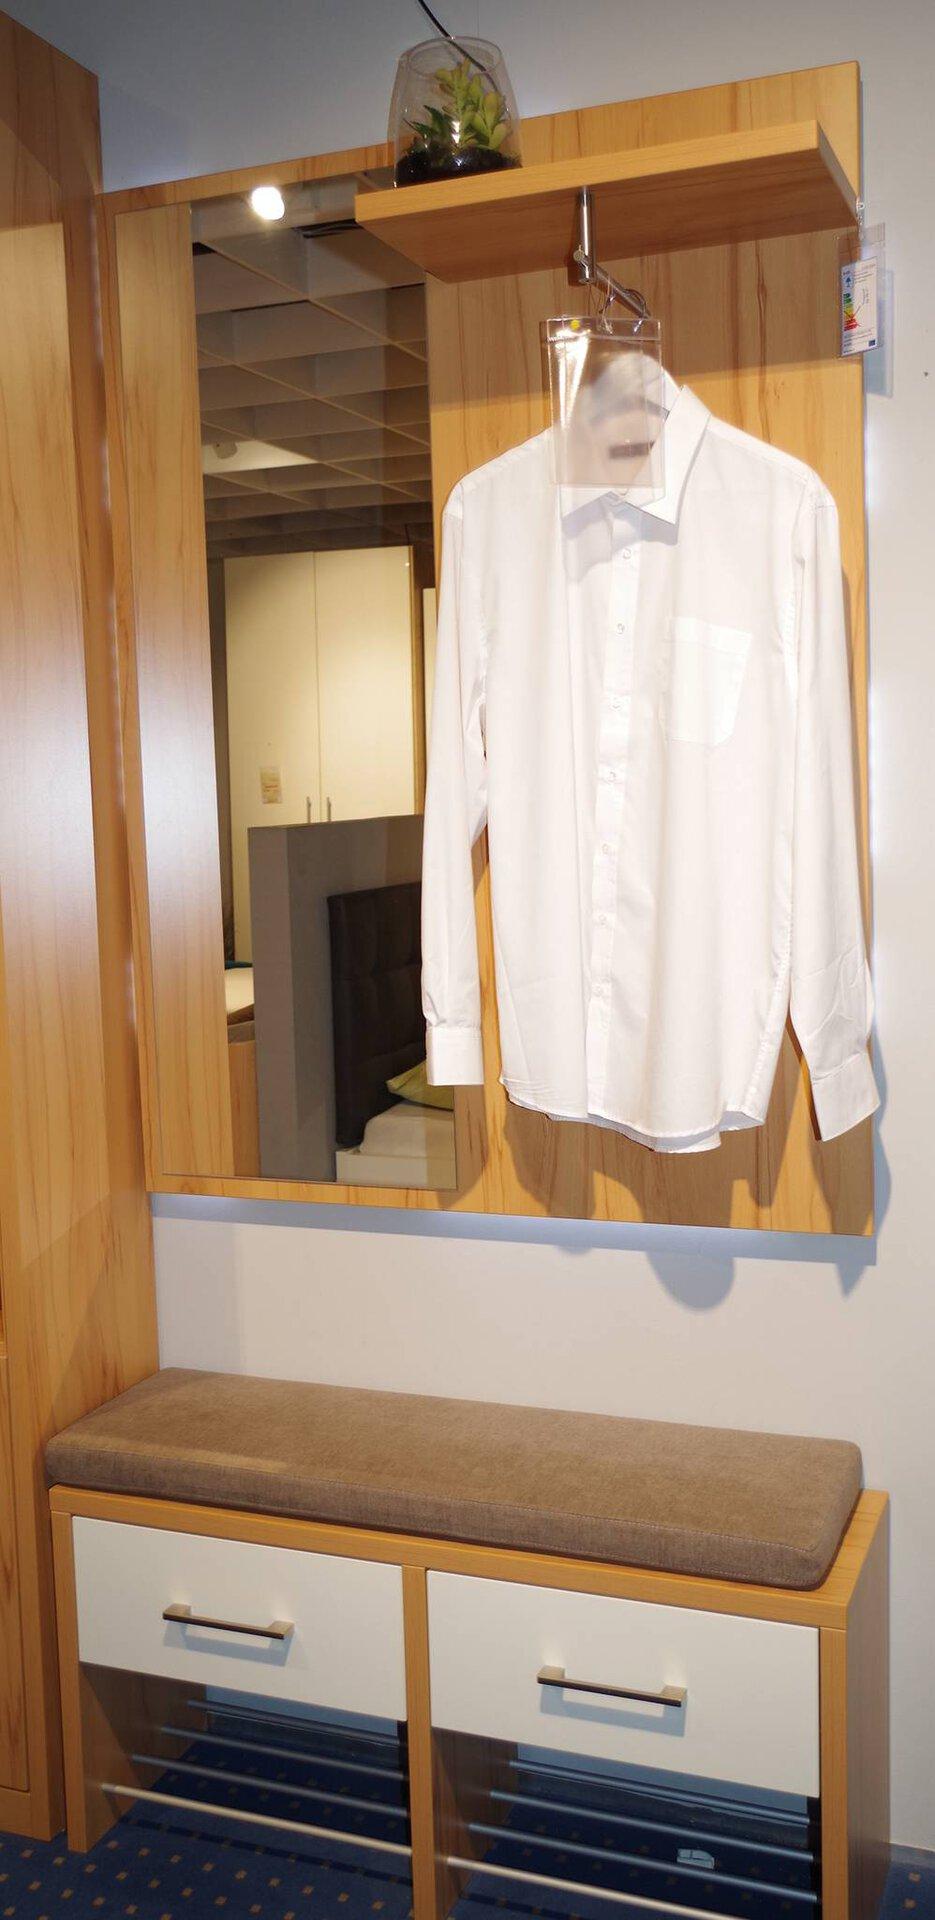 Garderobenkombination